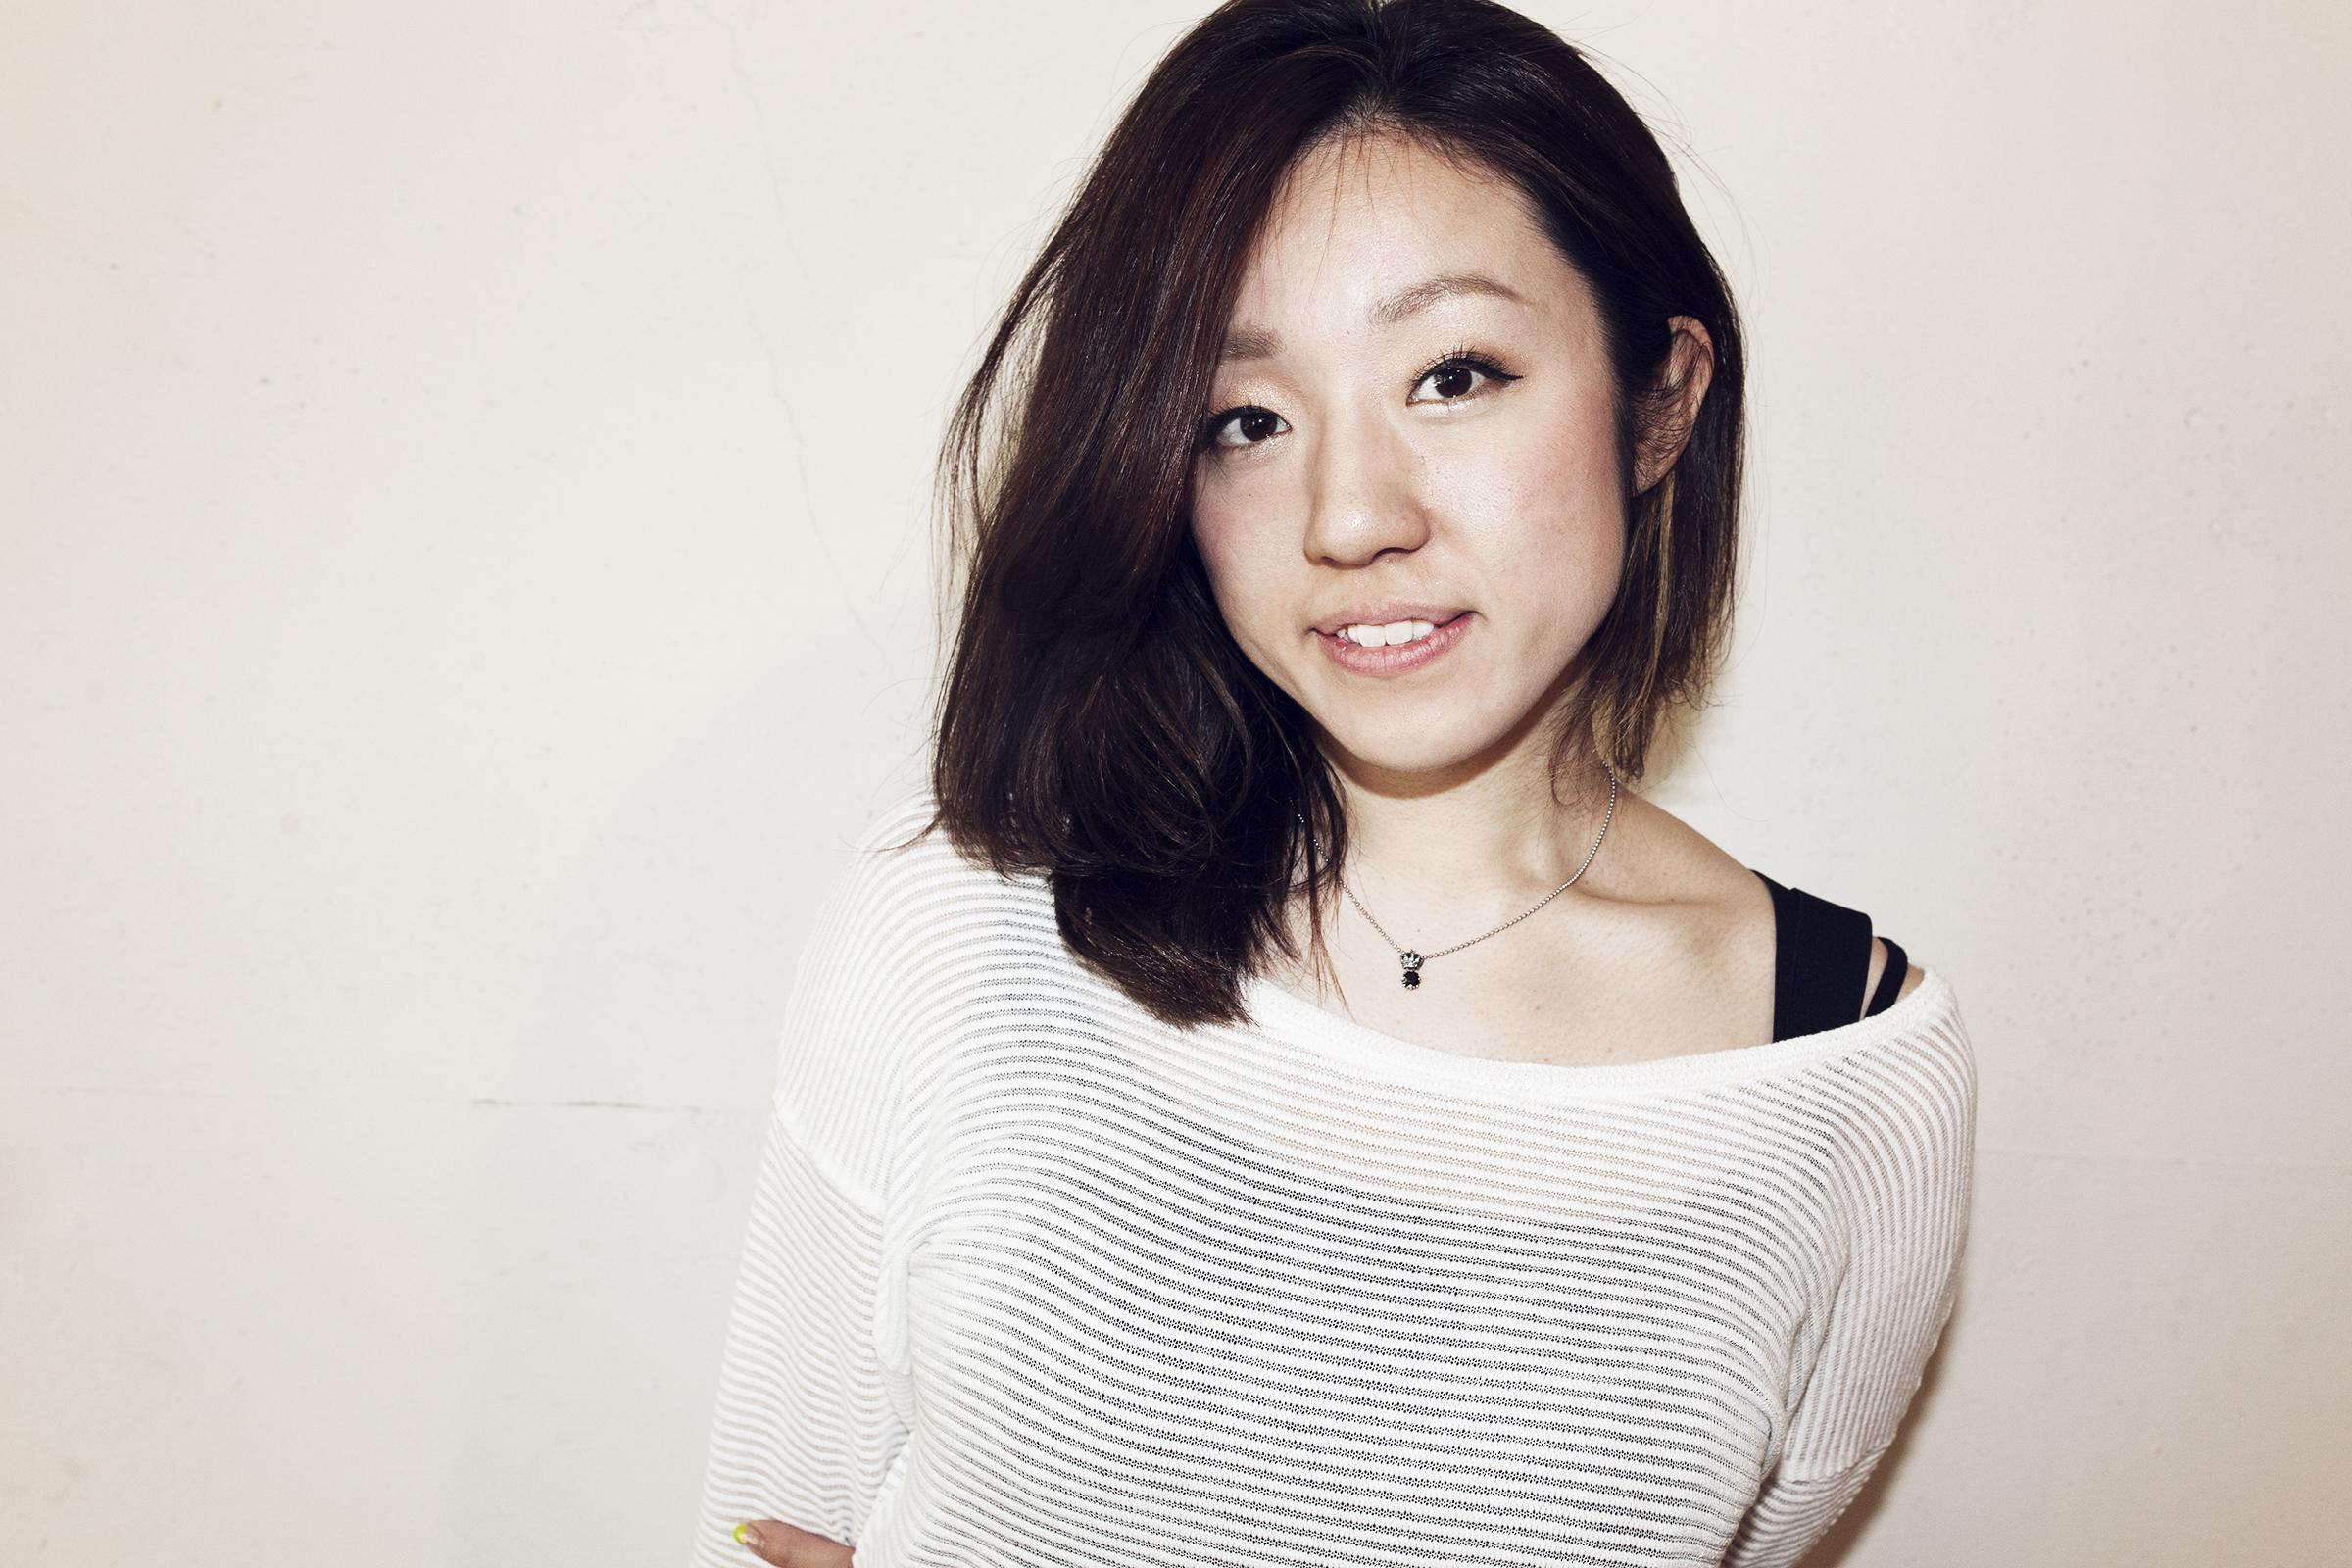 Rei Hanita    埴田玲    Assistant    新潟県出身。   ジャパンビューティーアカデミー卒業。   2009年、Savaに参加。   スタイリスト兼スパ二スト。   メイクアップワーク、シューティングワークを中心に活動。